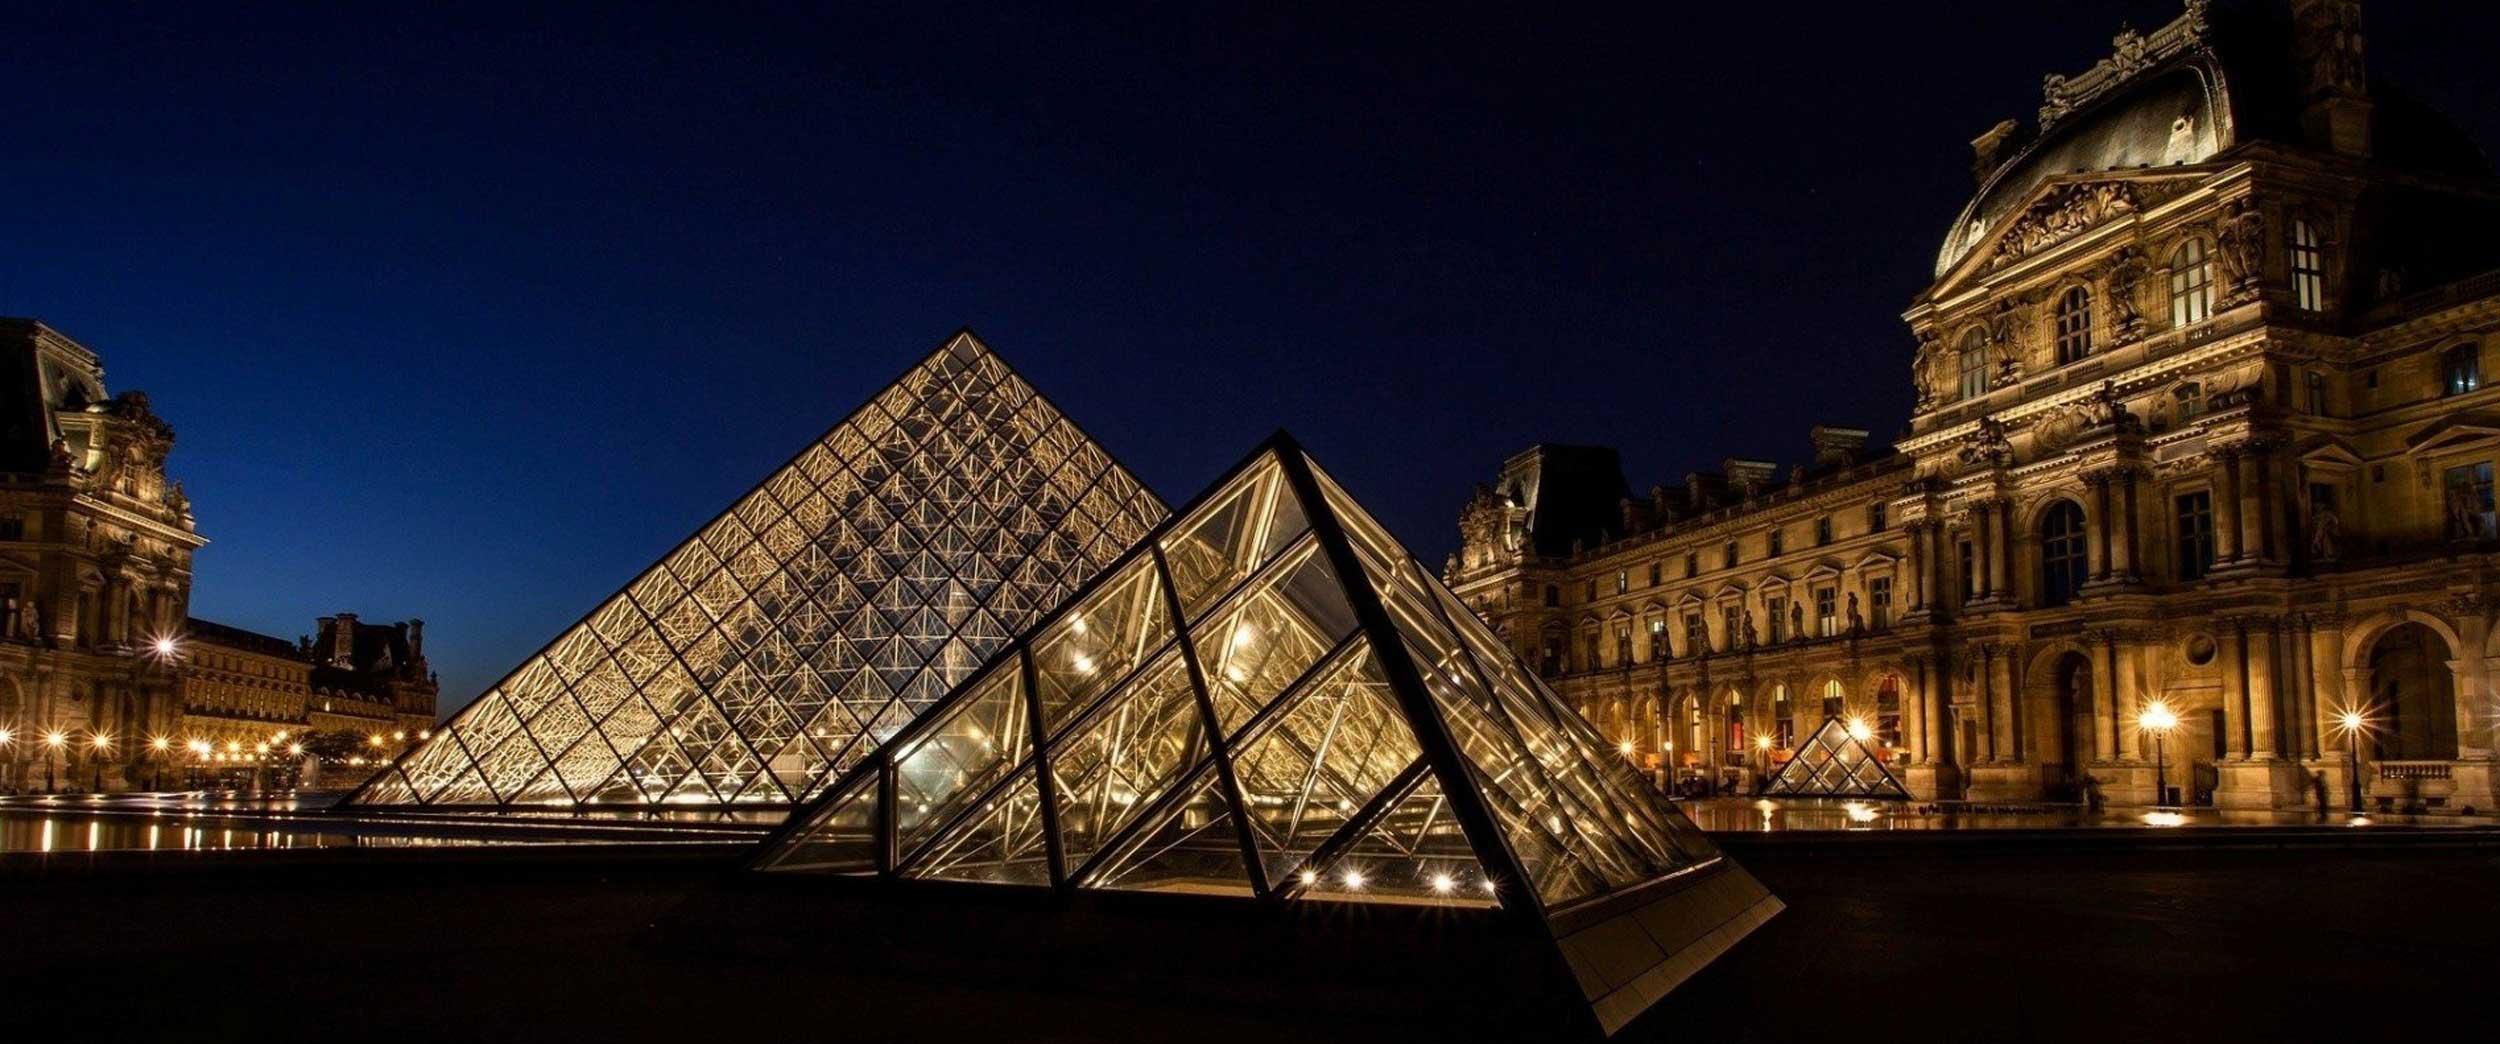 بهترین موزه های پاریس ؛ نمایش زیبایی و هنر